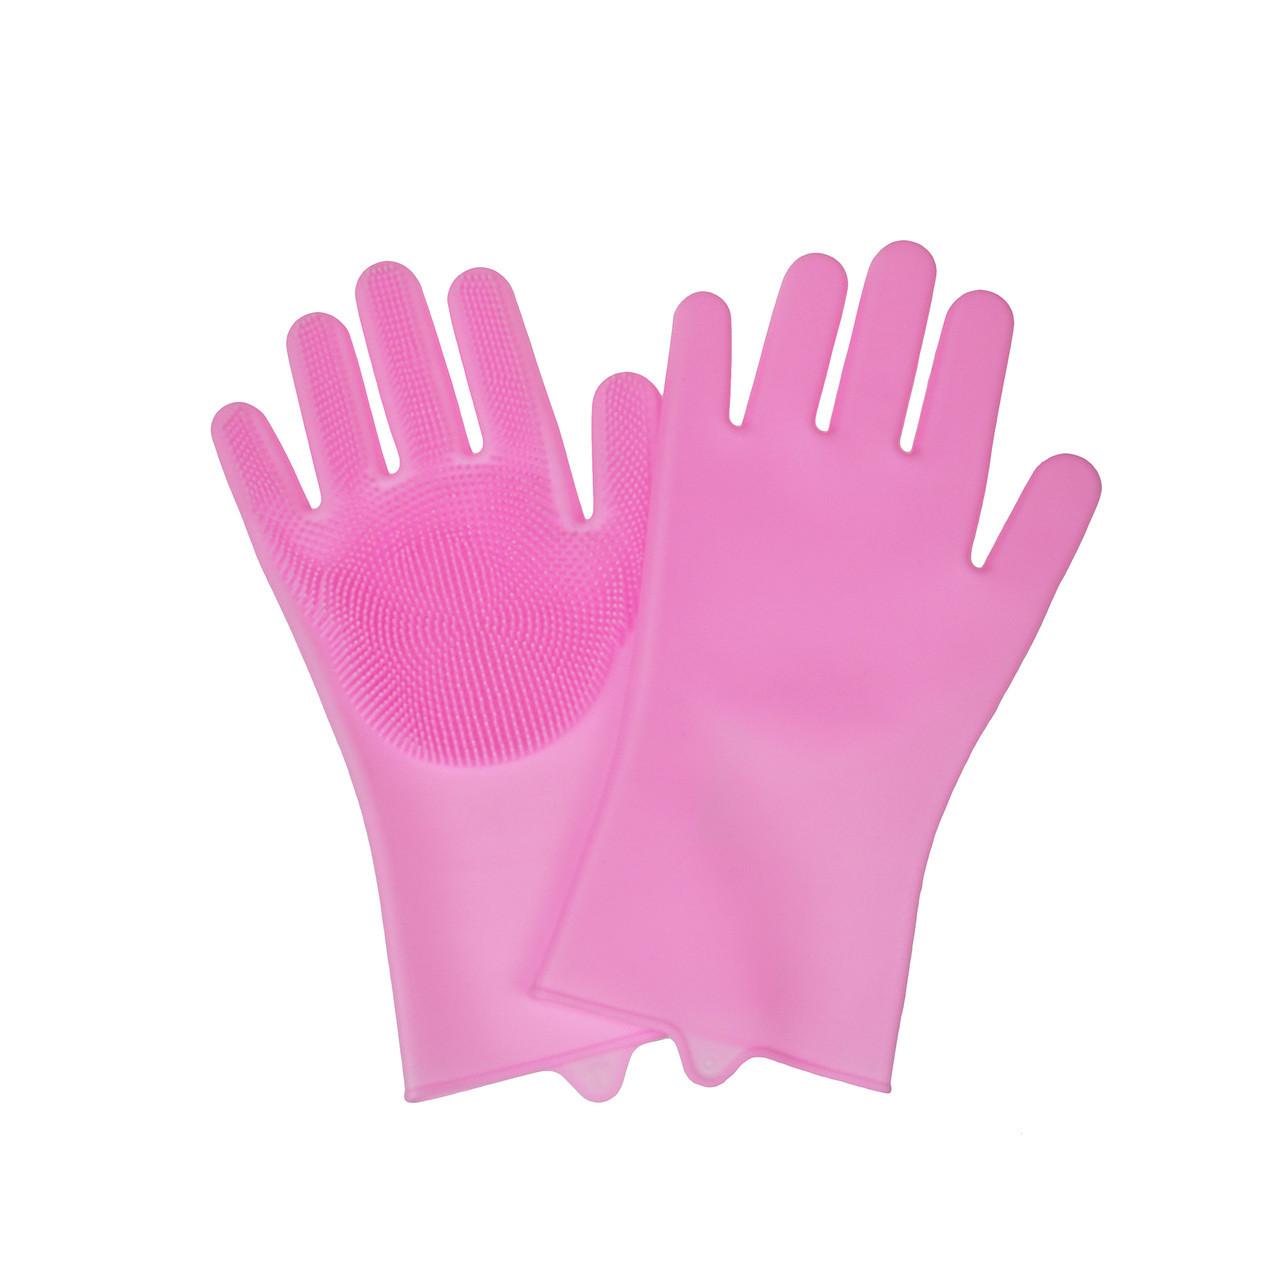 Силиконовые перчатки для мытья посуды, Розовый